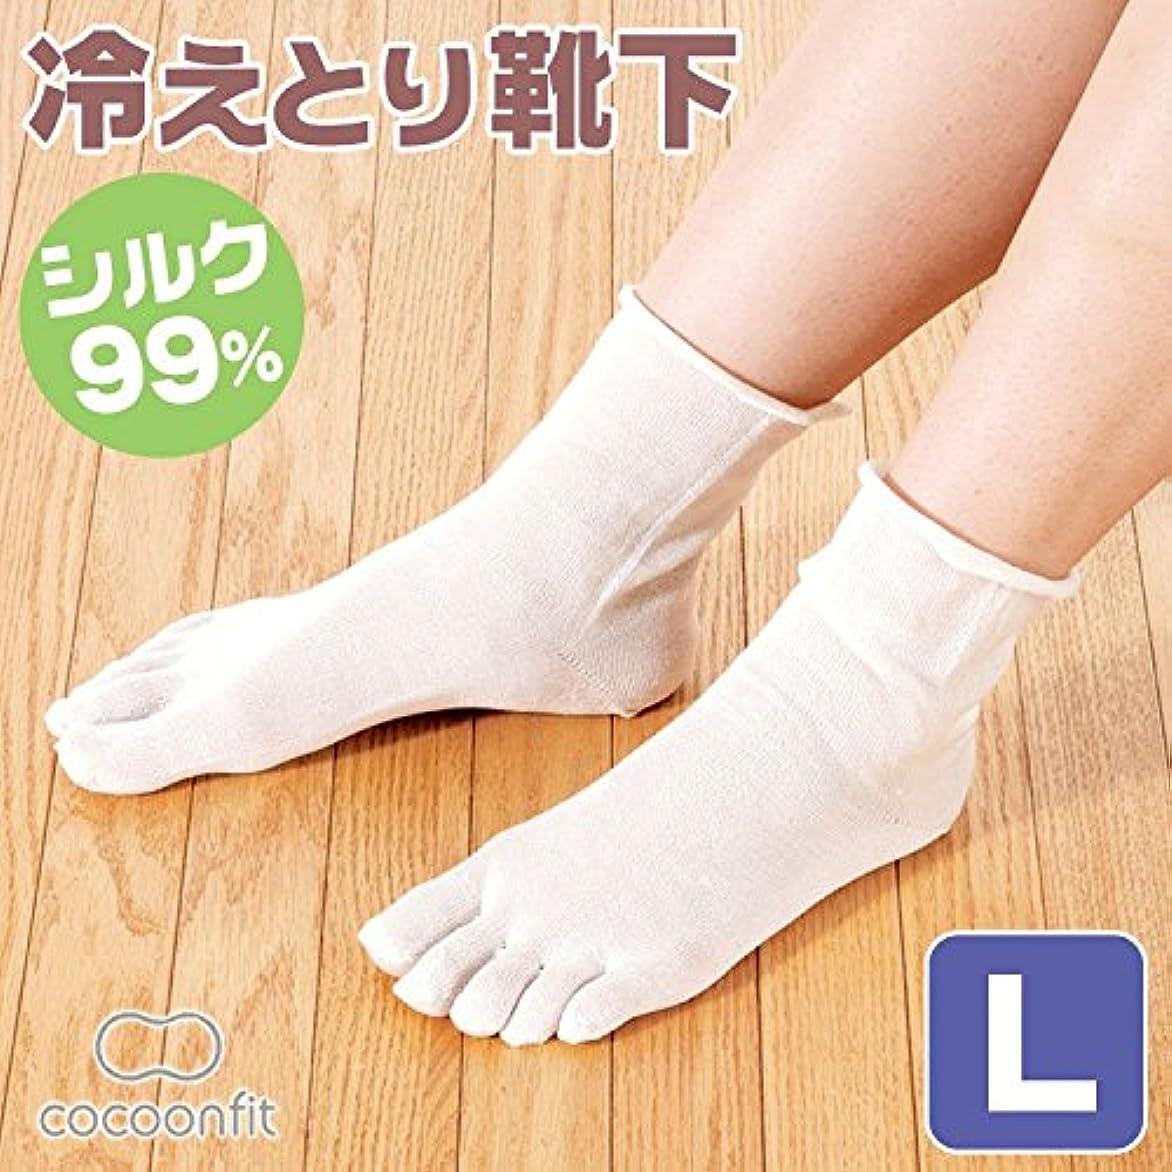 崇拝するはっきりとバングラデシュ冷え取り靴下 5本指ソックス シルク[Lサイズ:25~27cm] ※重ね履き靴下の1枚目のみ cocoonfit